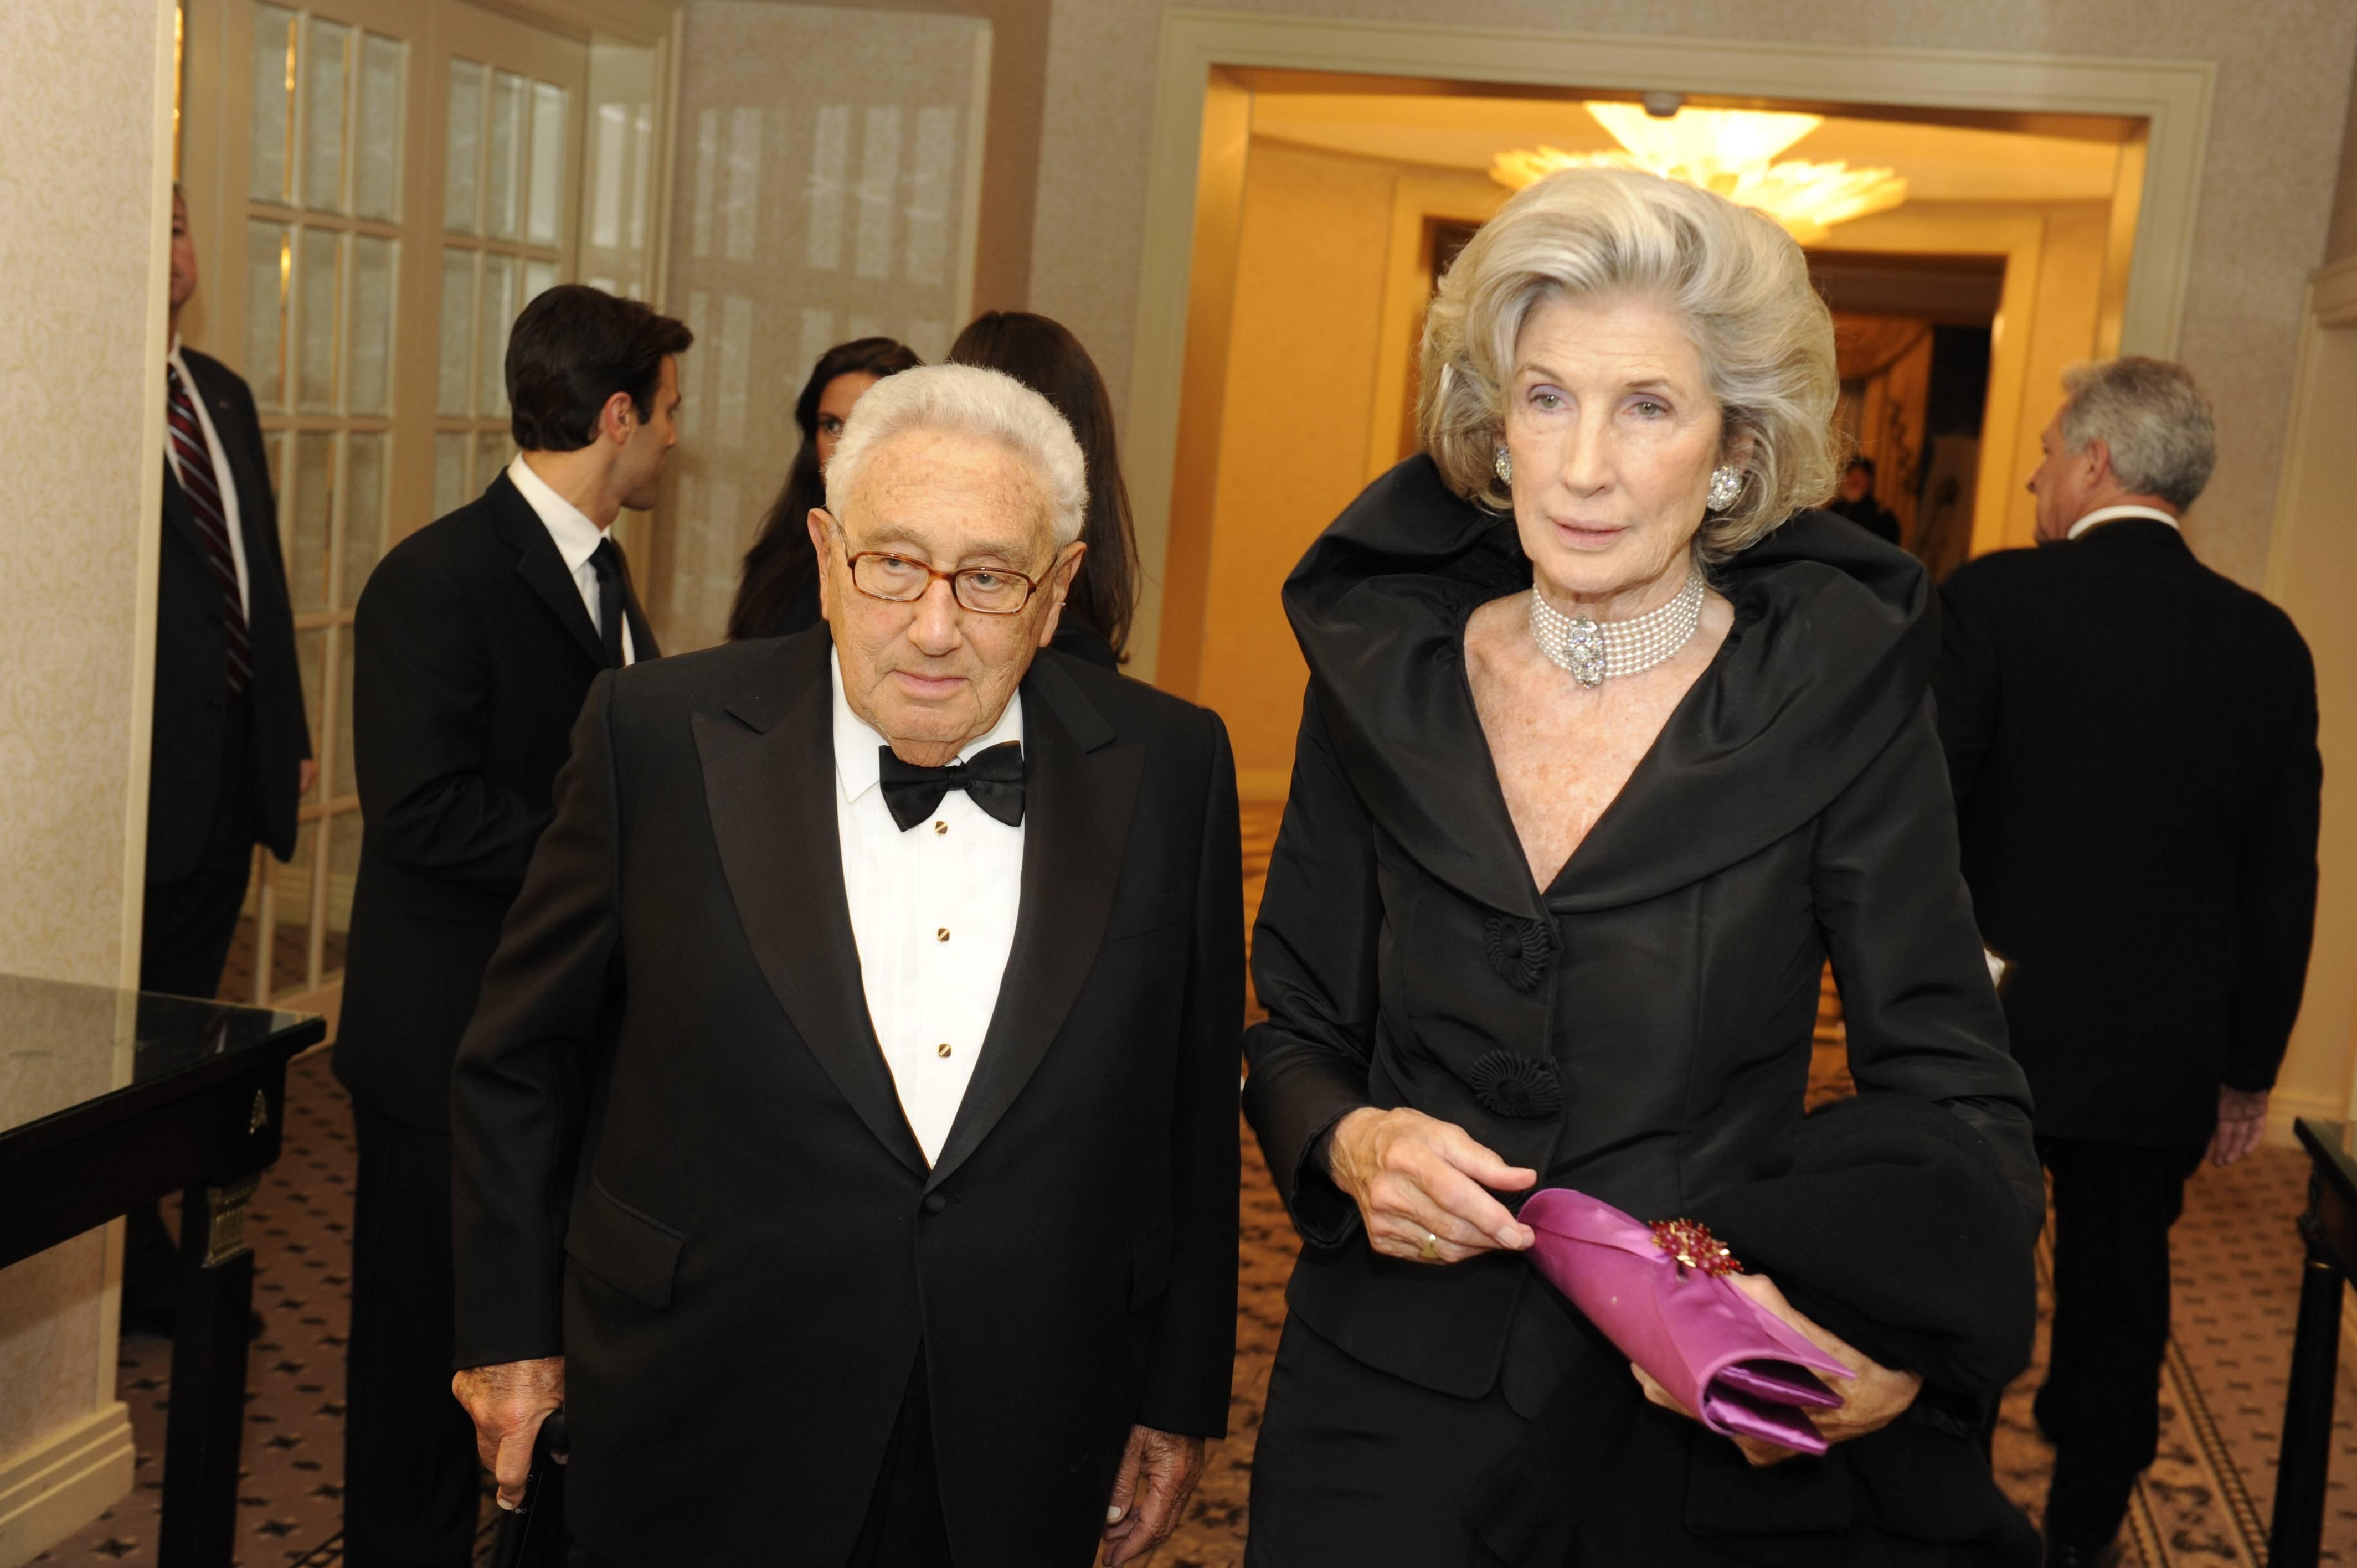 Henry_and_Nancy_Kissinger